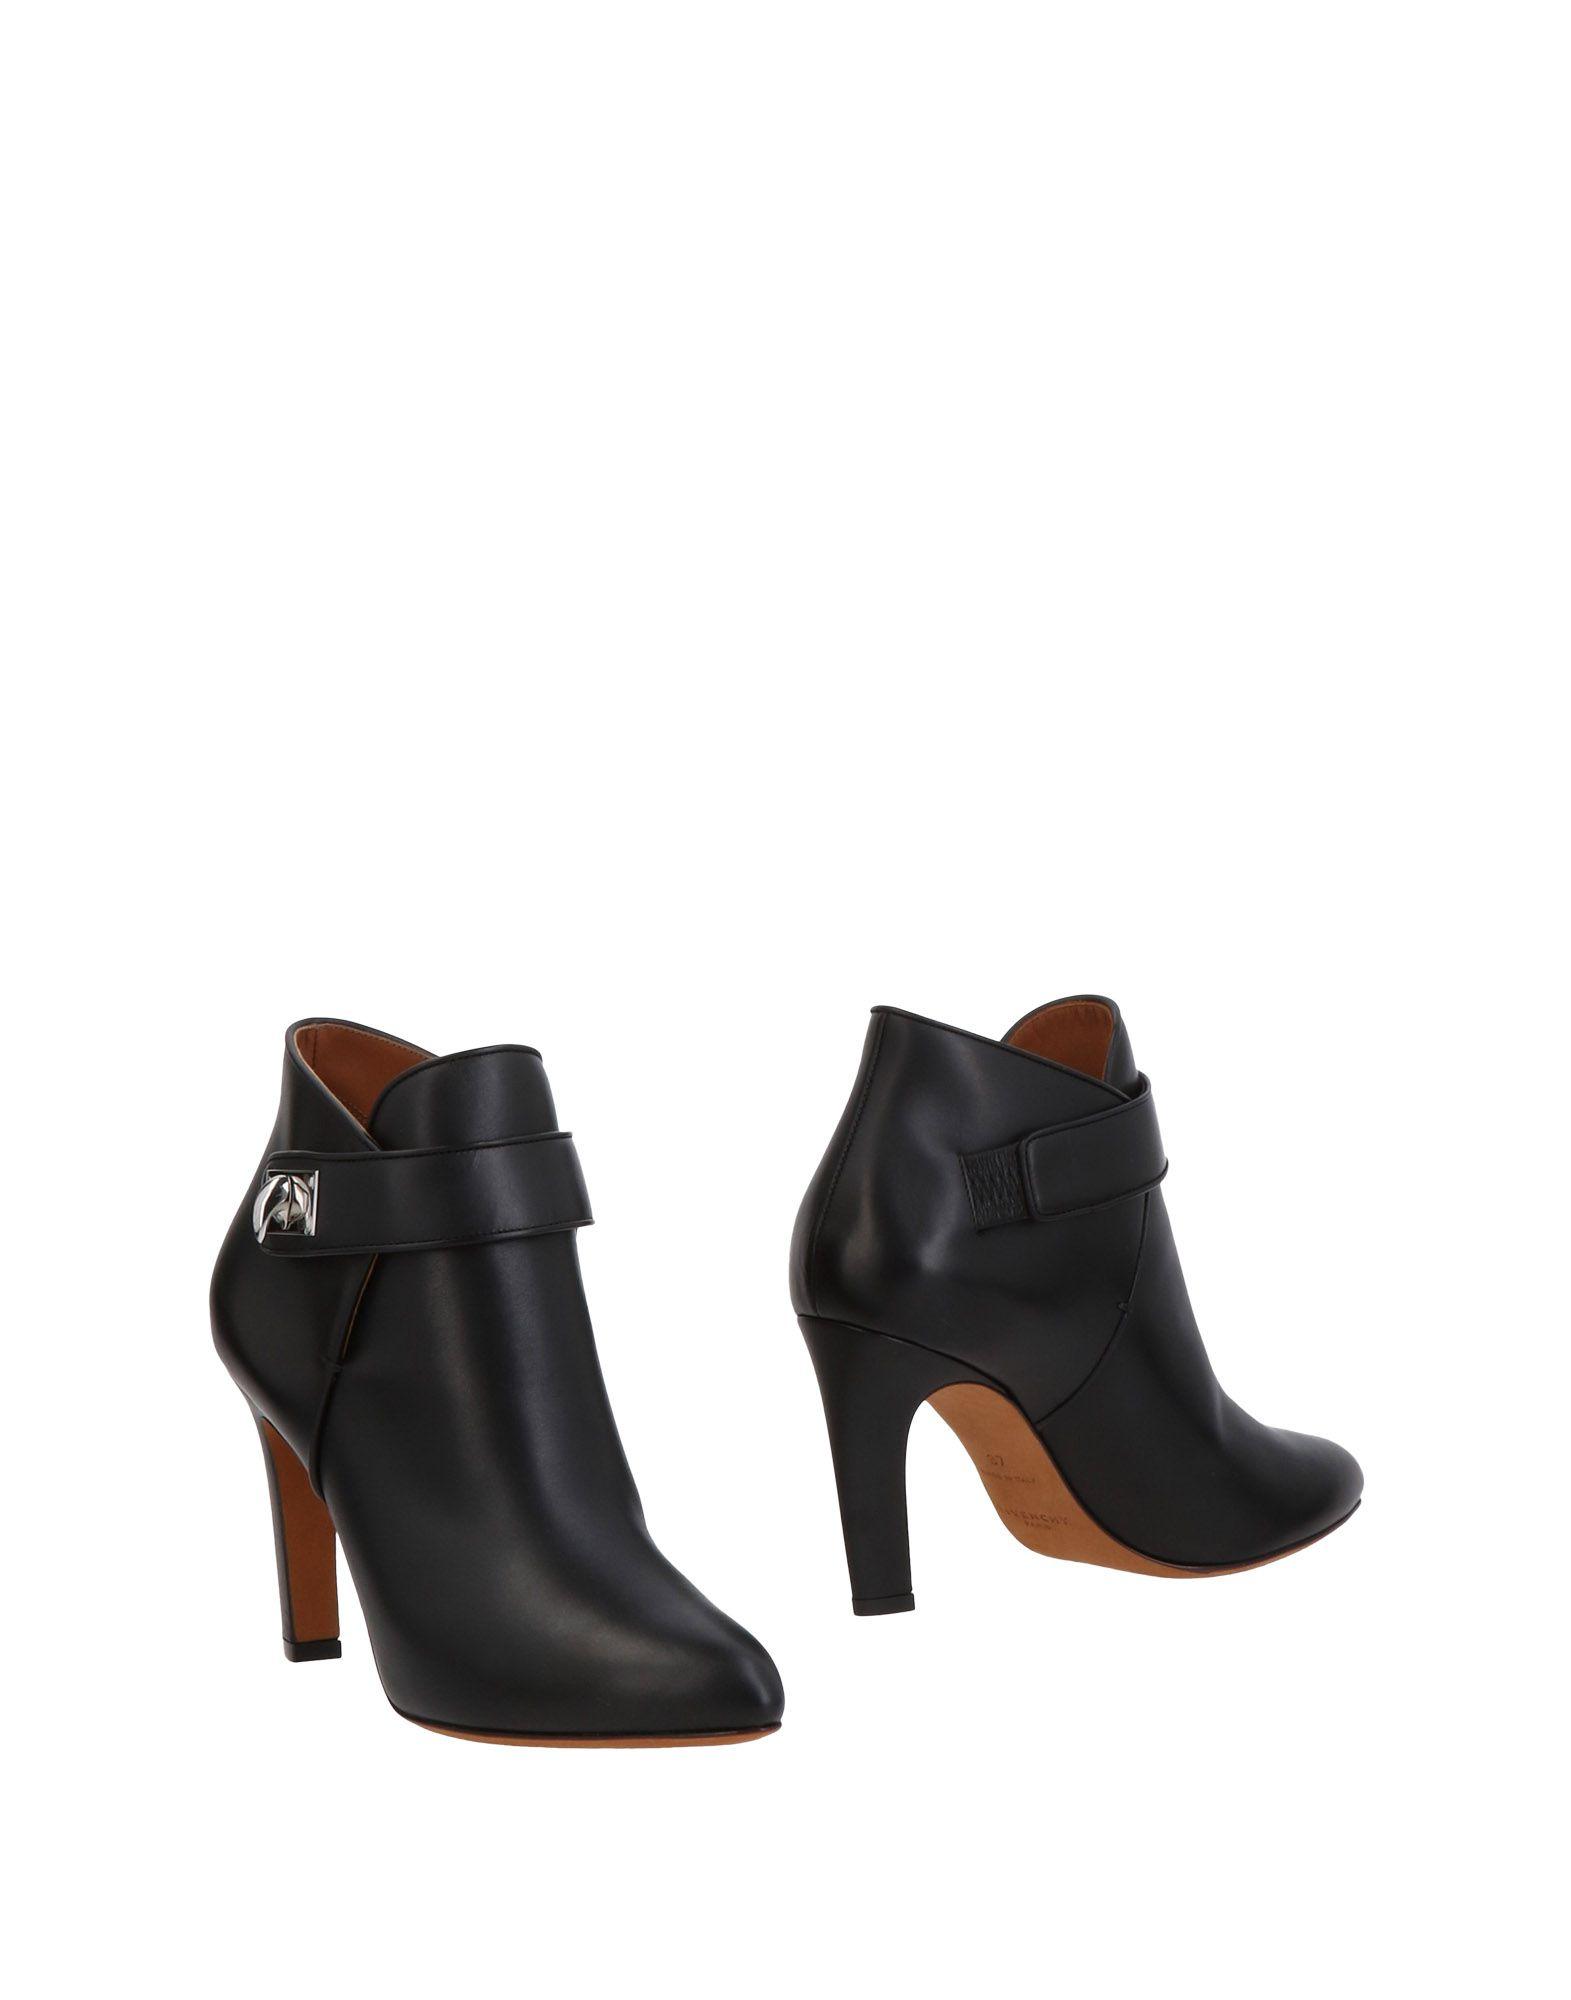 Givenchy Stiefelette Damen  11463669HCGünstige gut aussehende Schuhe